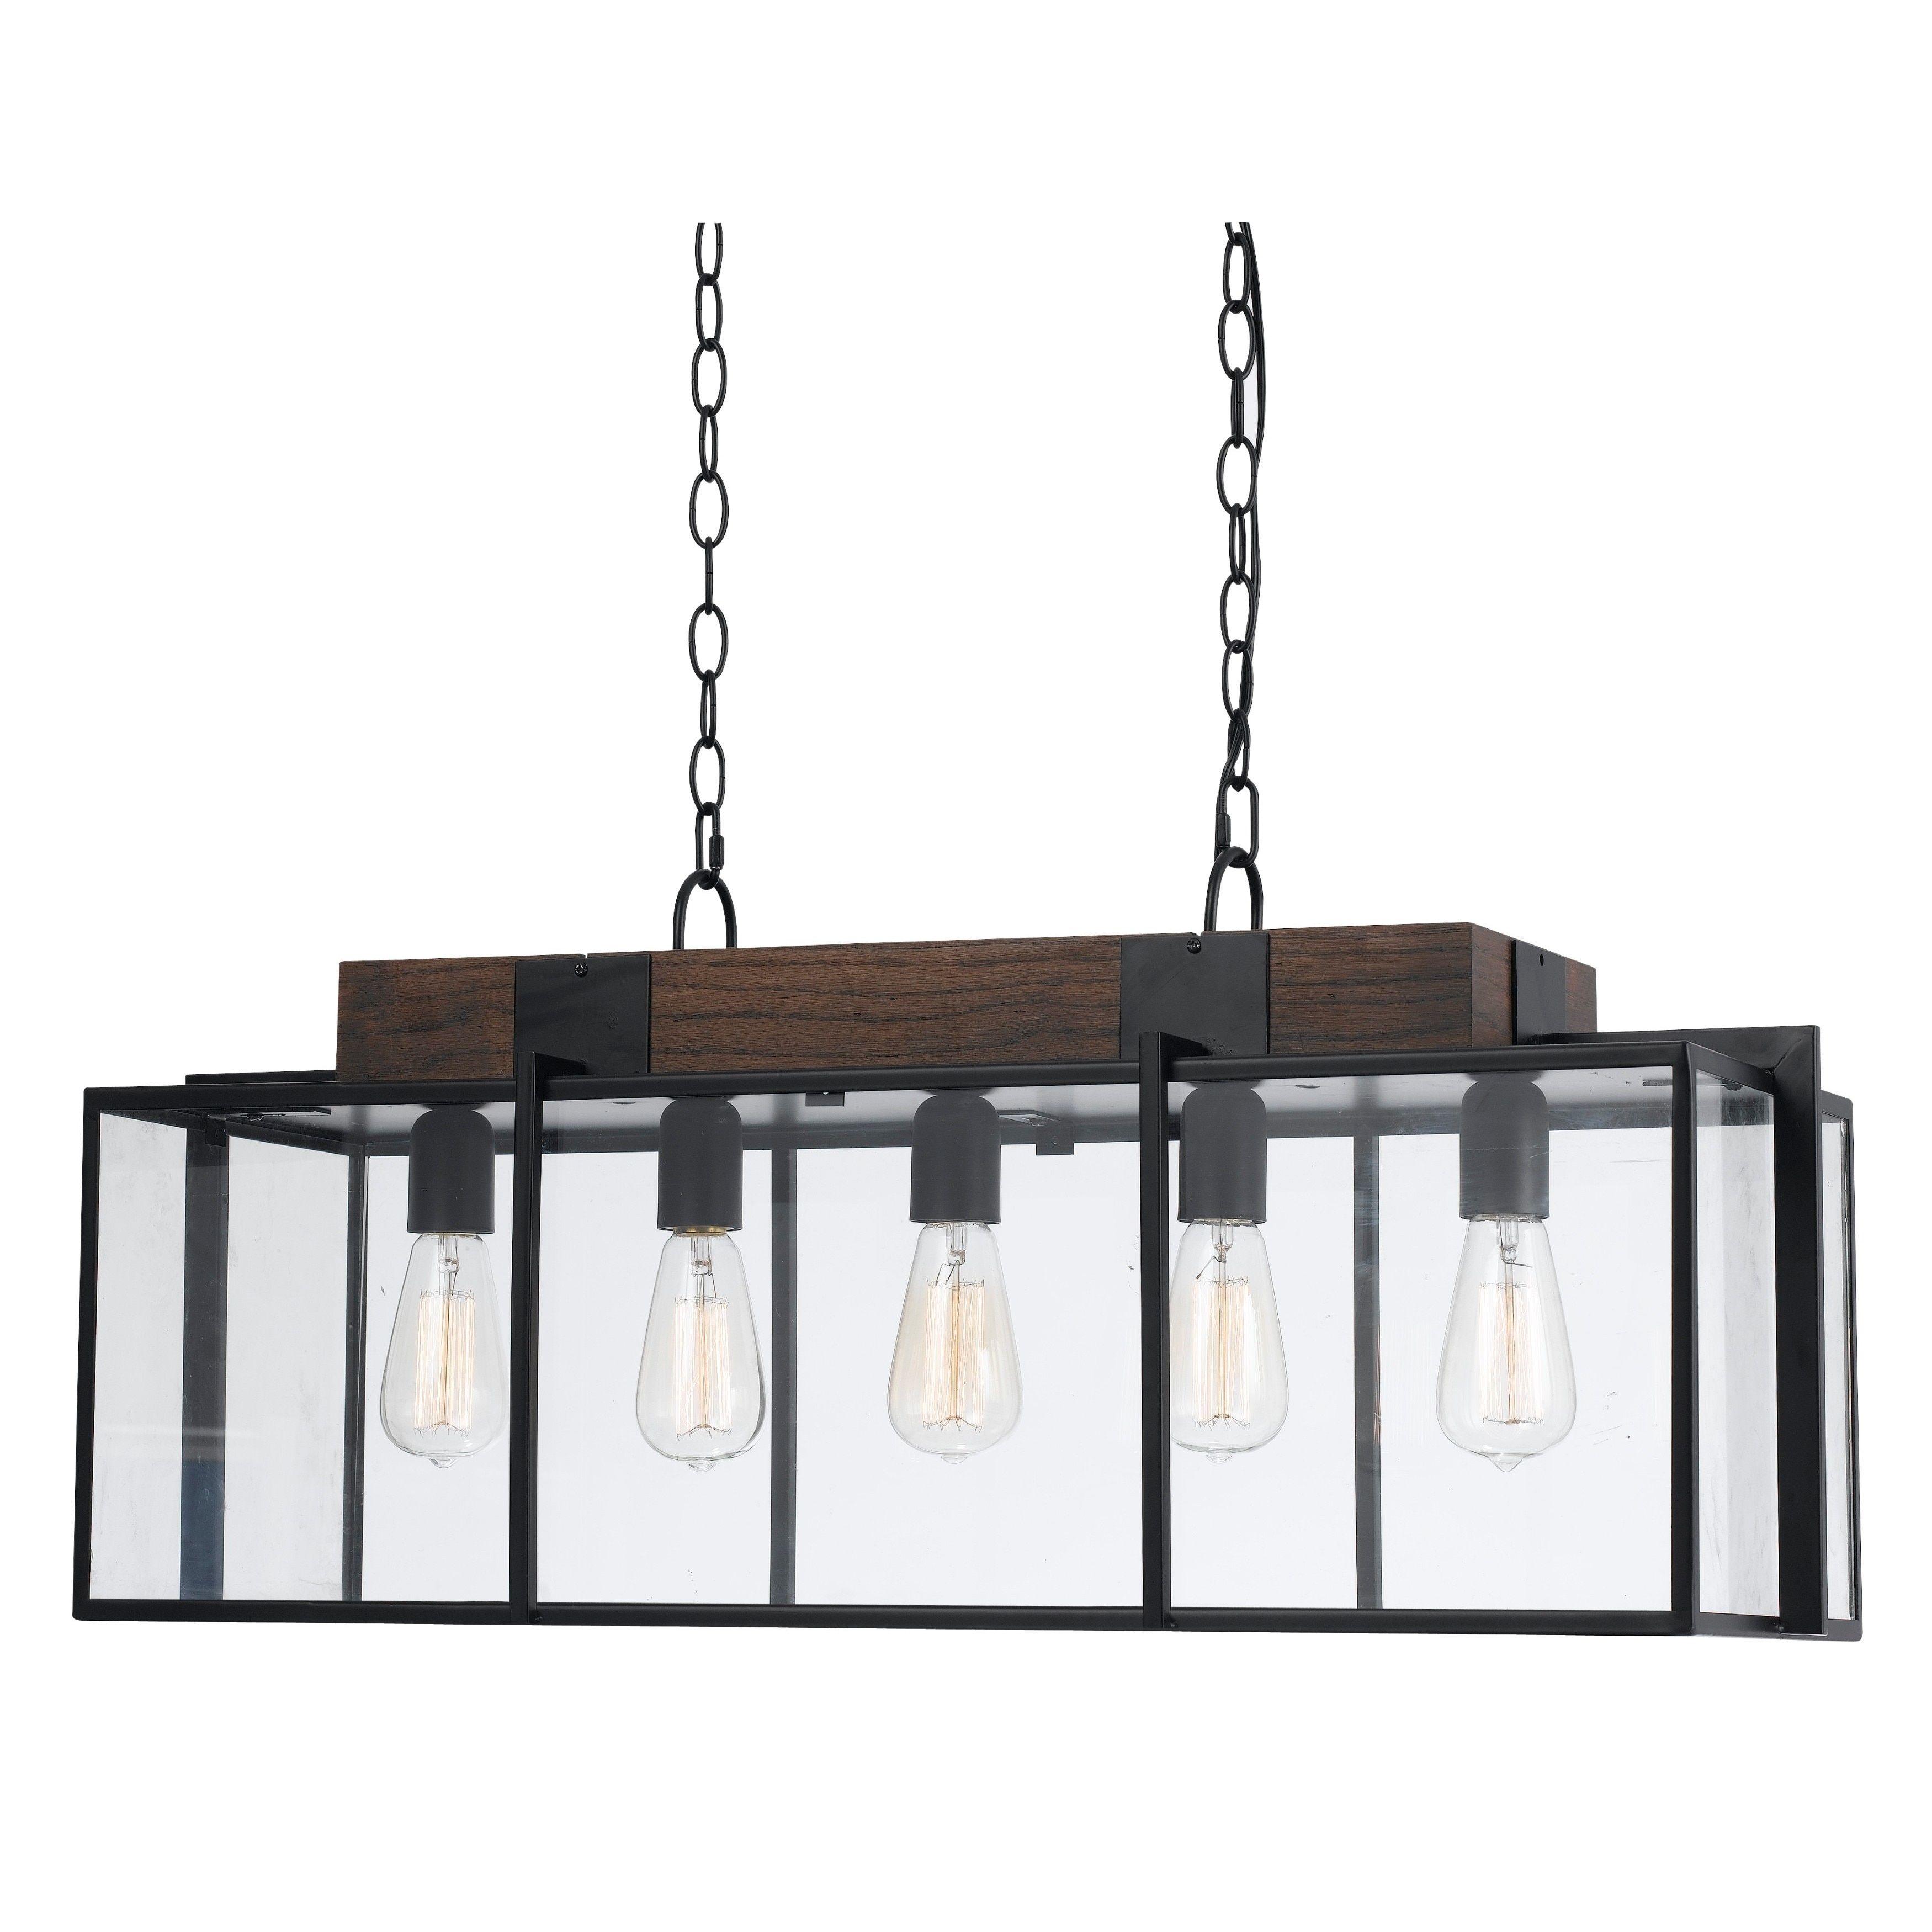 60 watt 5 light Antonio Chandelier Chandelier Bronze Glass